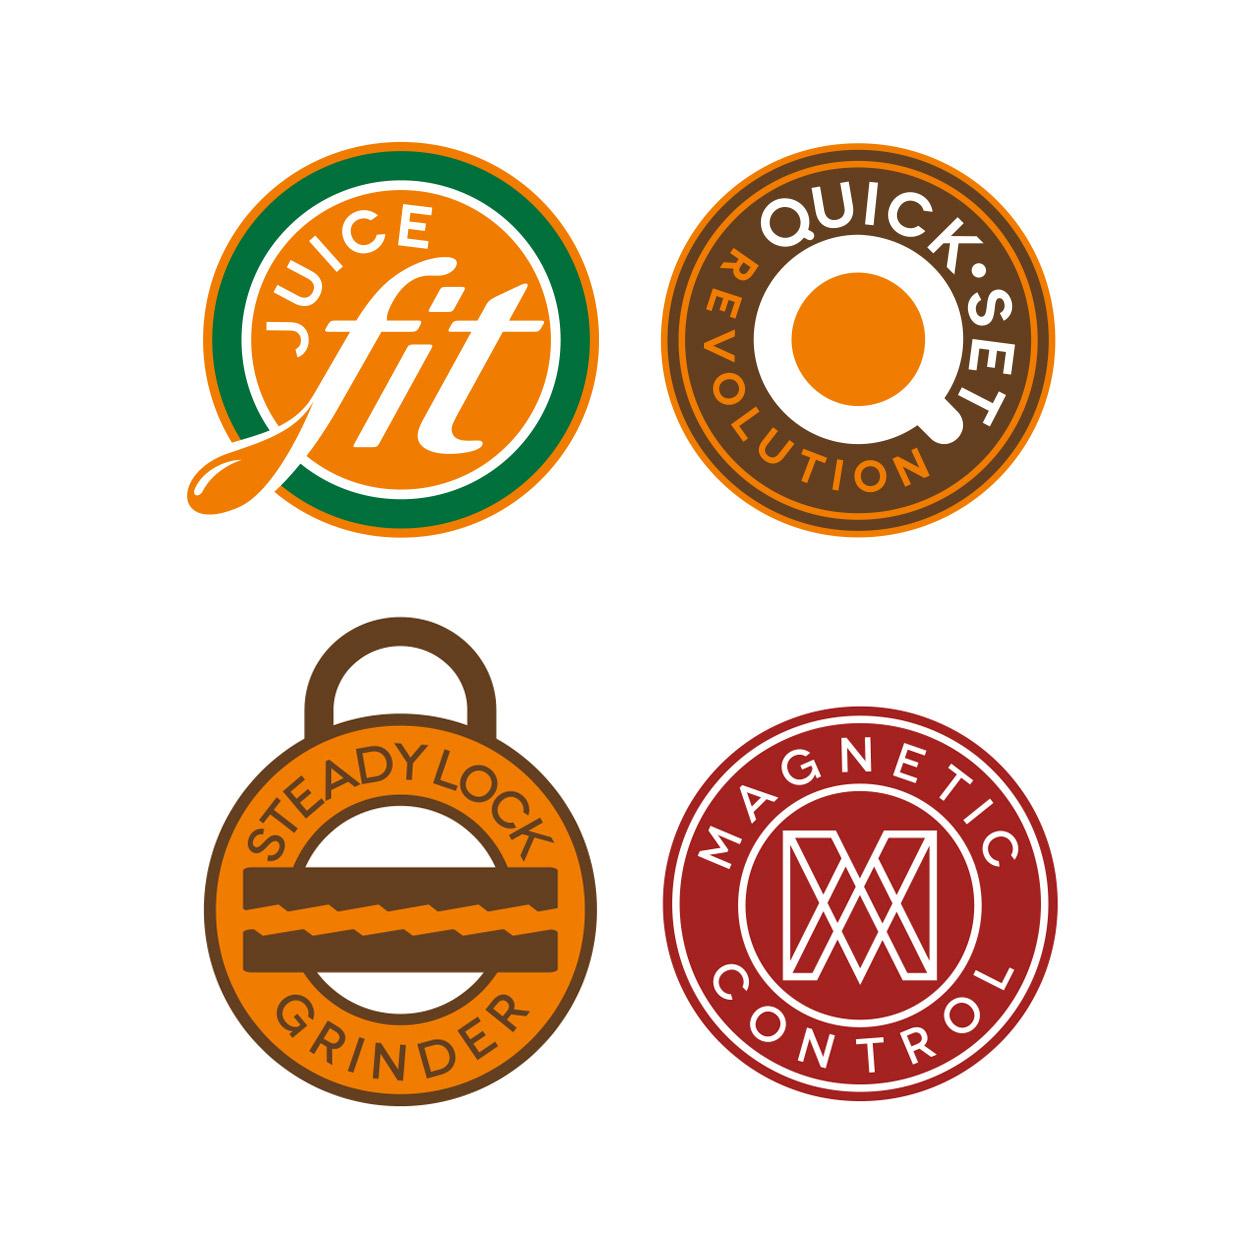 Ceado Logos